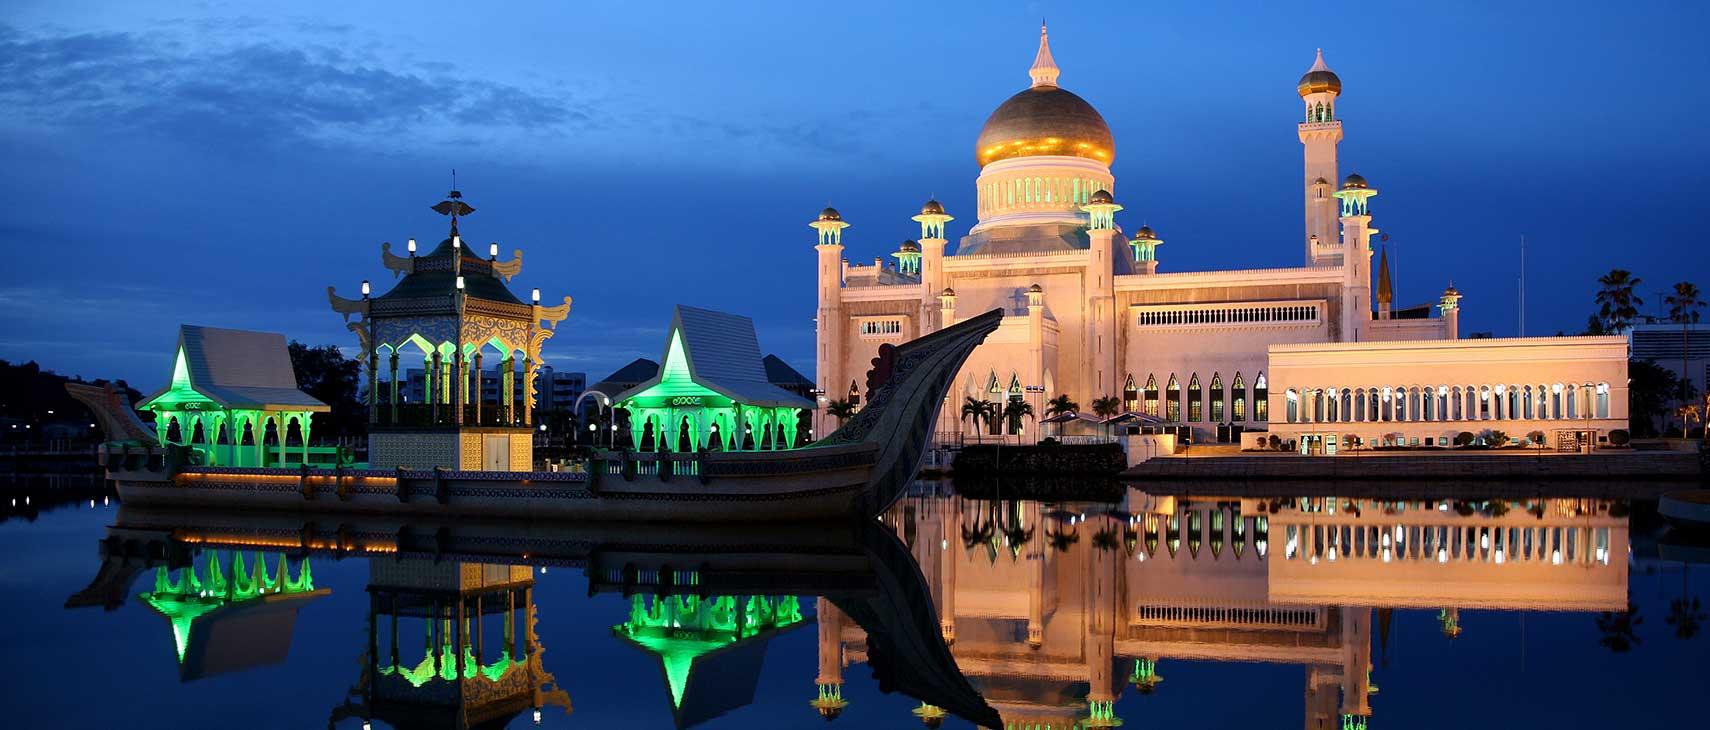 DST Sultan-Omar-Ali-Saifuddin-Mosque